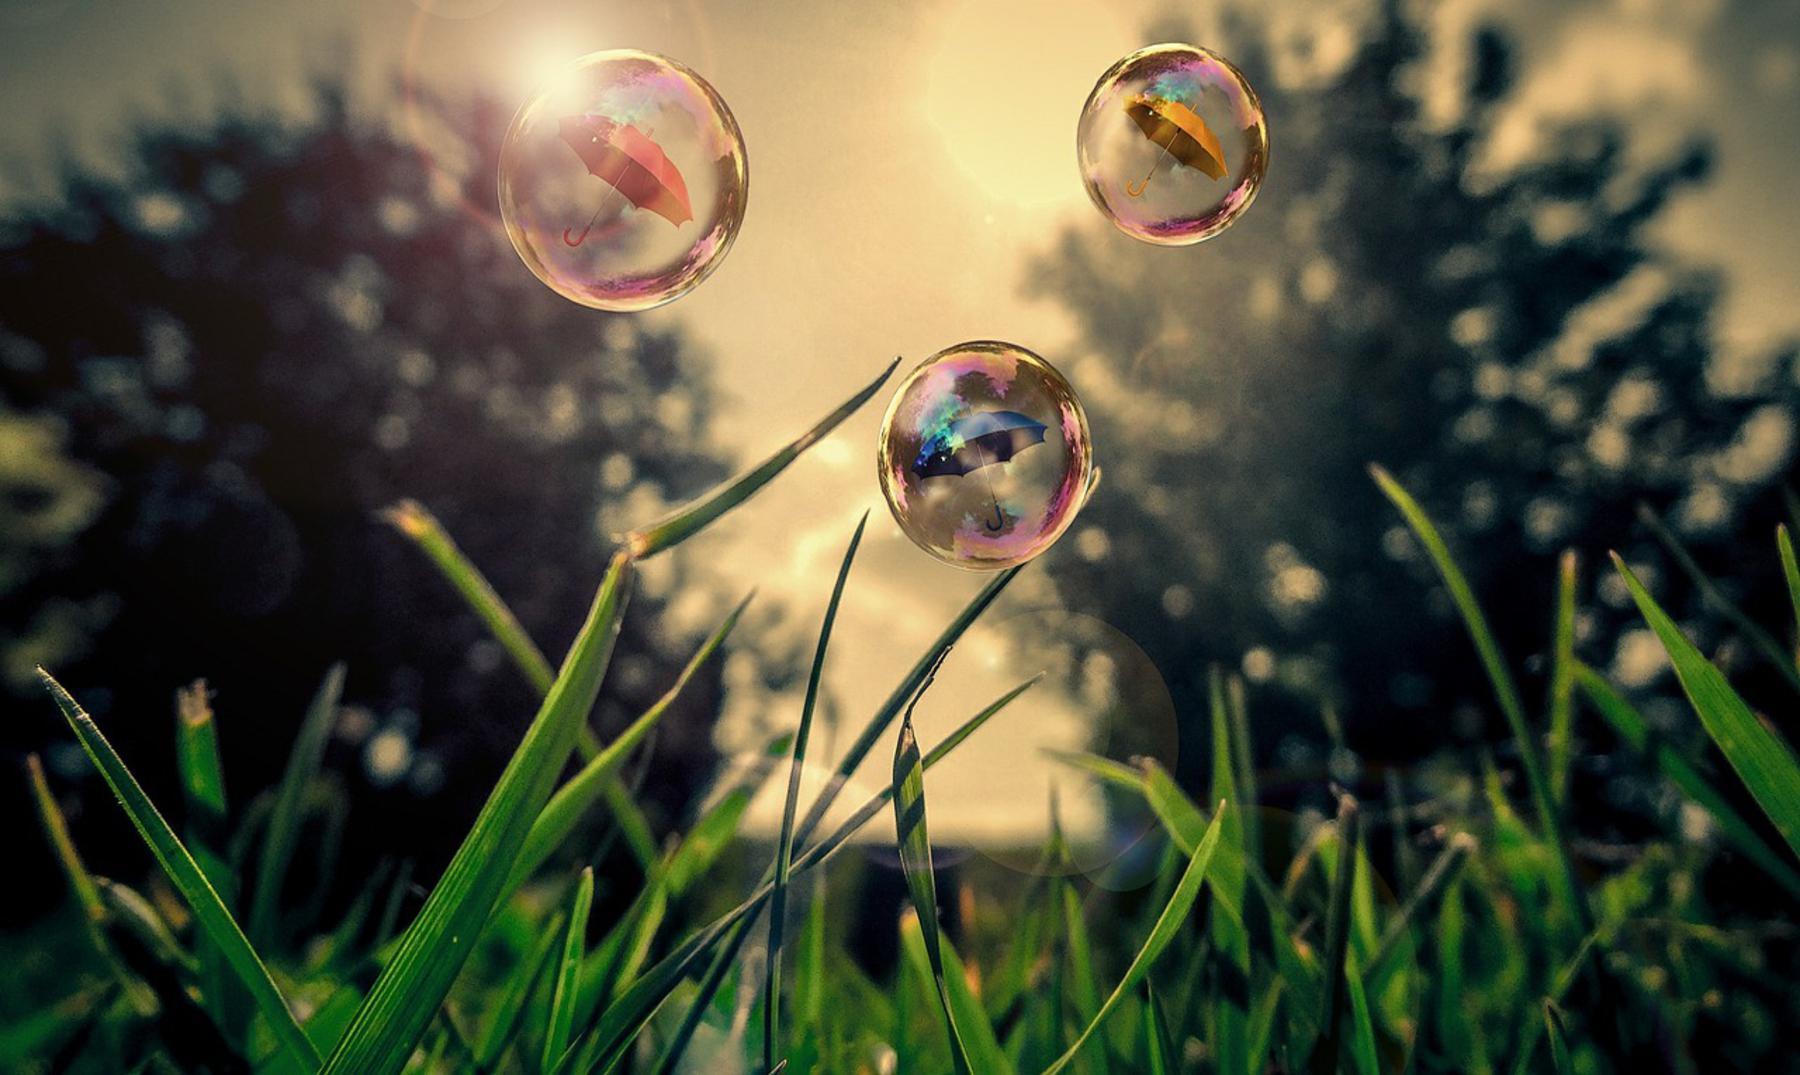 ¿Cuáles son los sueños más recurrentes entre la población?